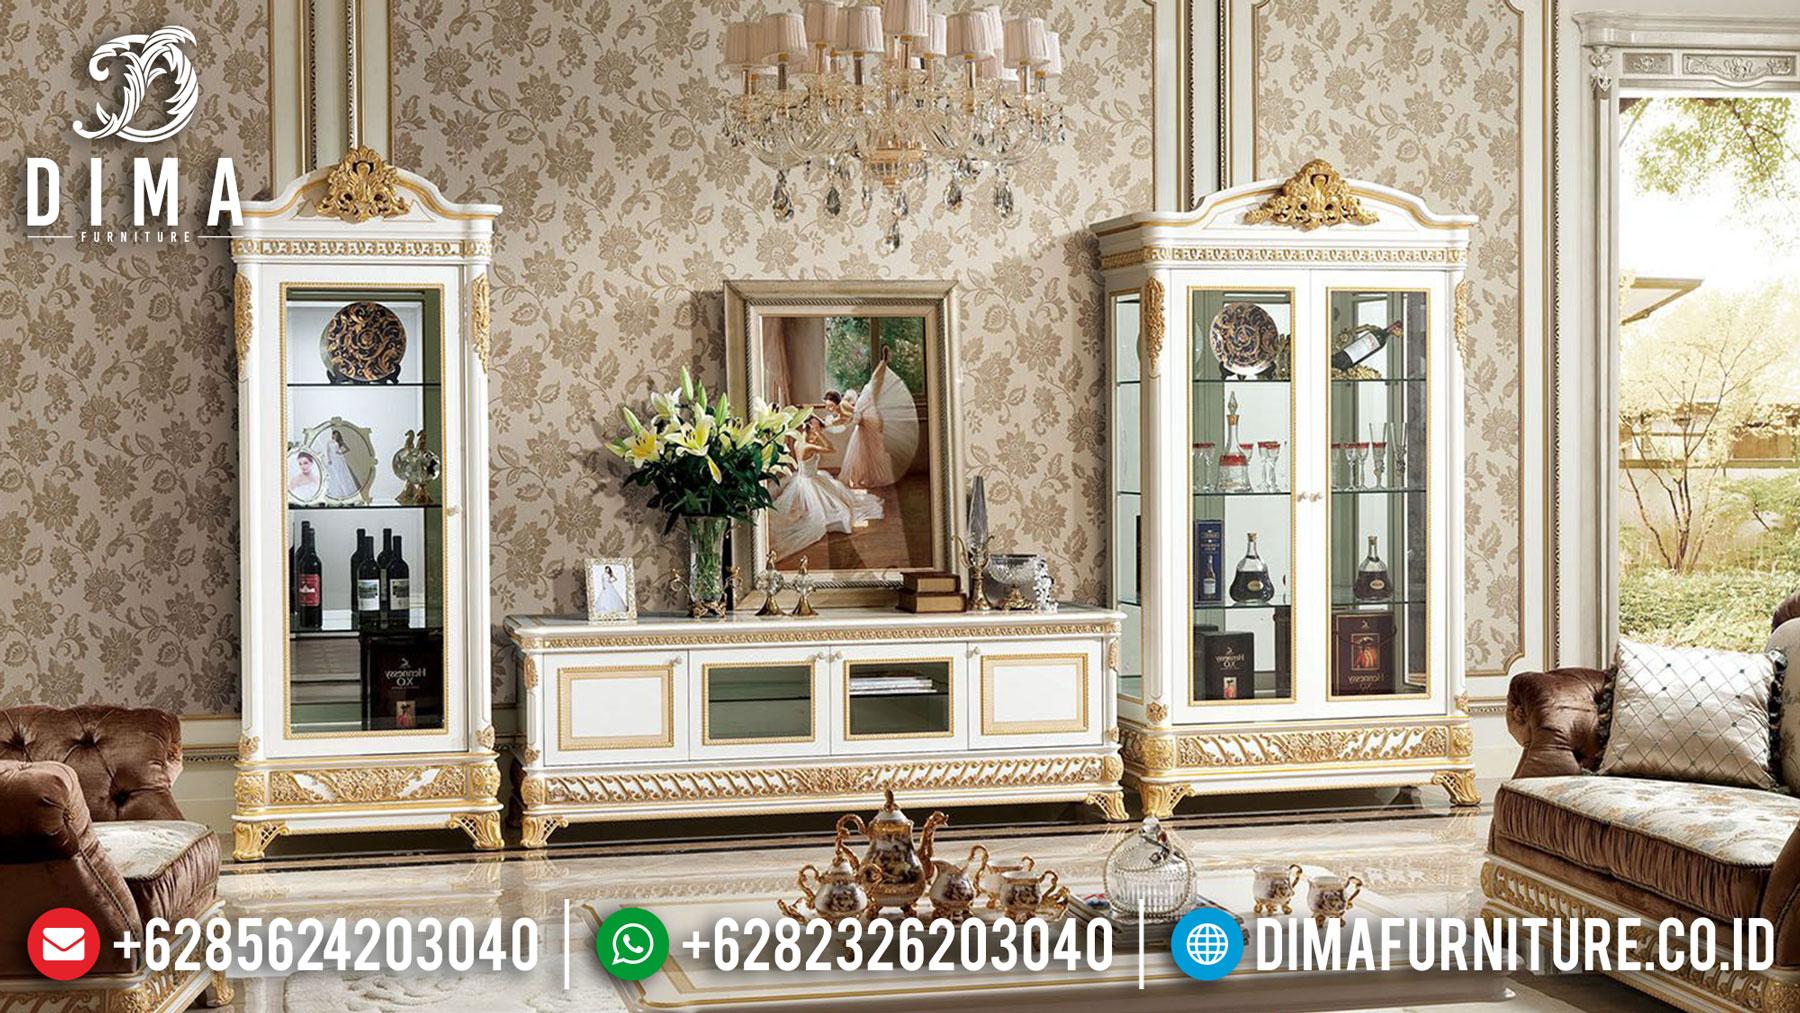 Glorious Desain Bufet TV Mewah Ukir Jepara Elegant Interior Living Room TTJ-1673